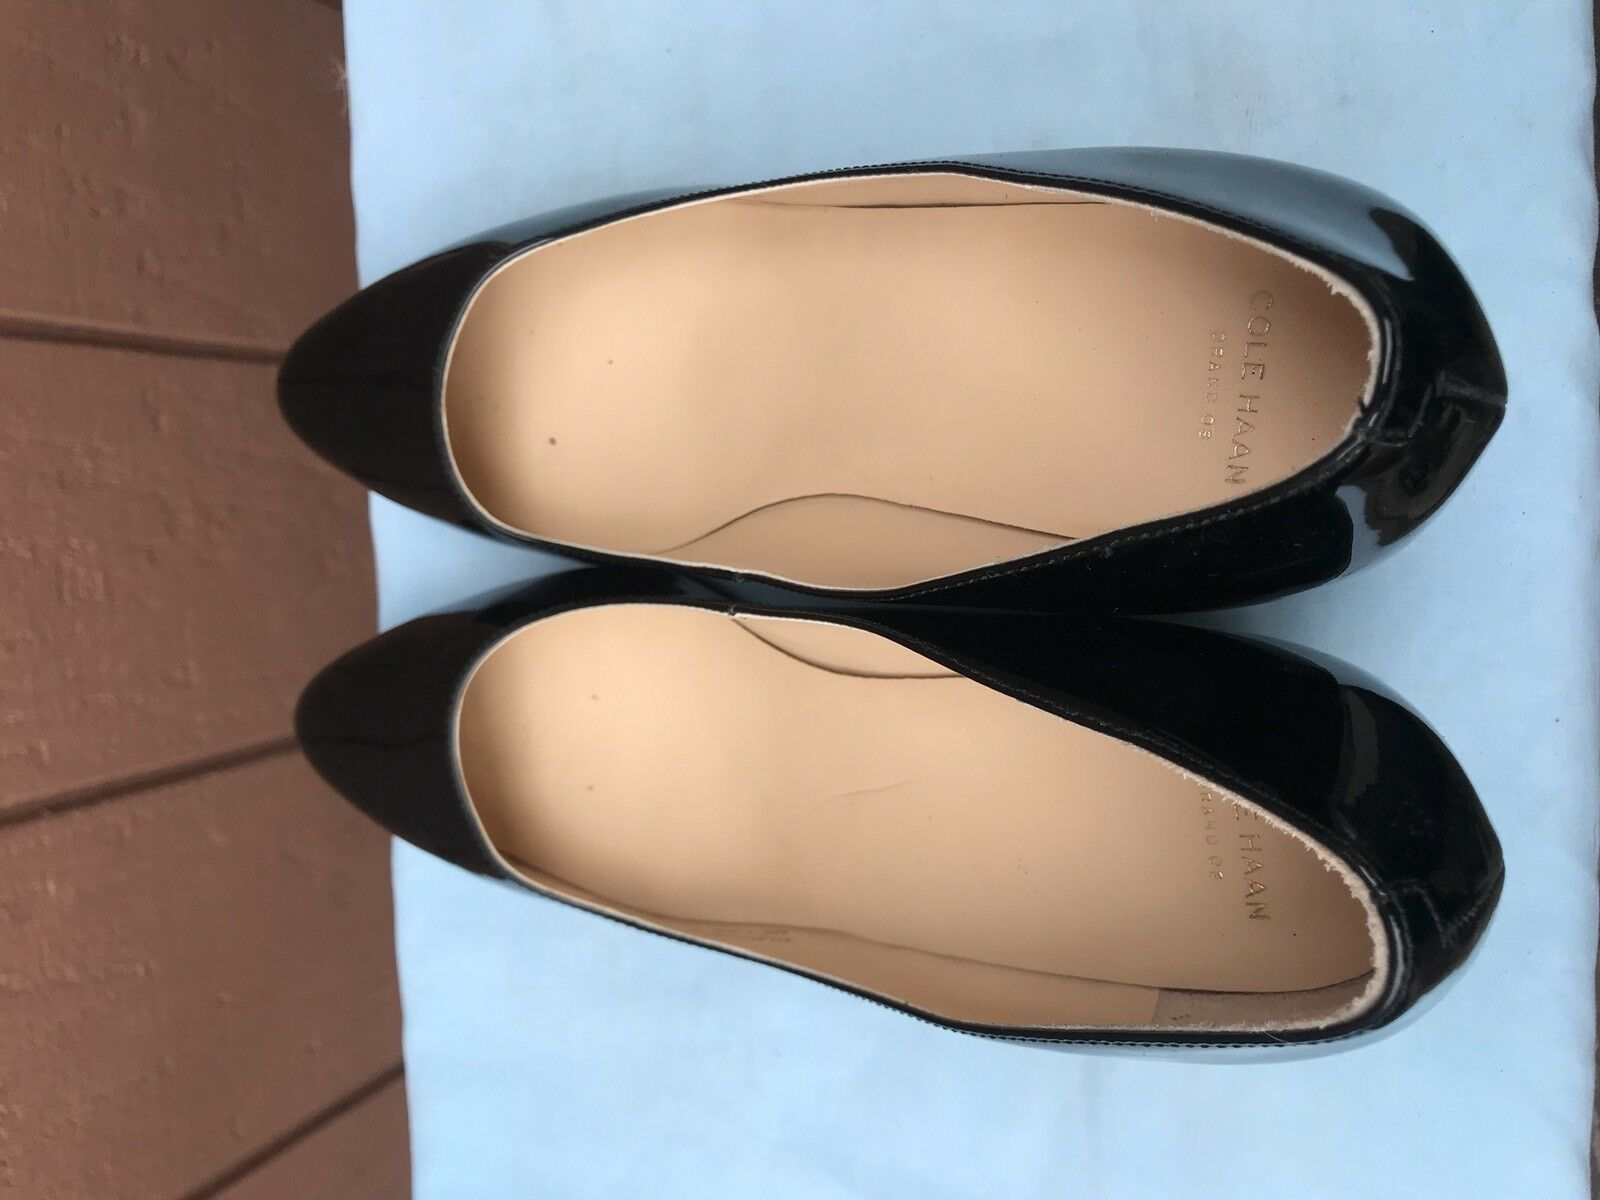 EUC COLE HAAN CATALINA Größe US 8B WEDGE PUMP schwarz schwarz schwarz PATENT schuhe A6 b80144